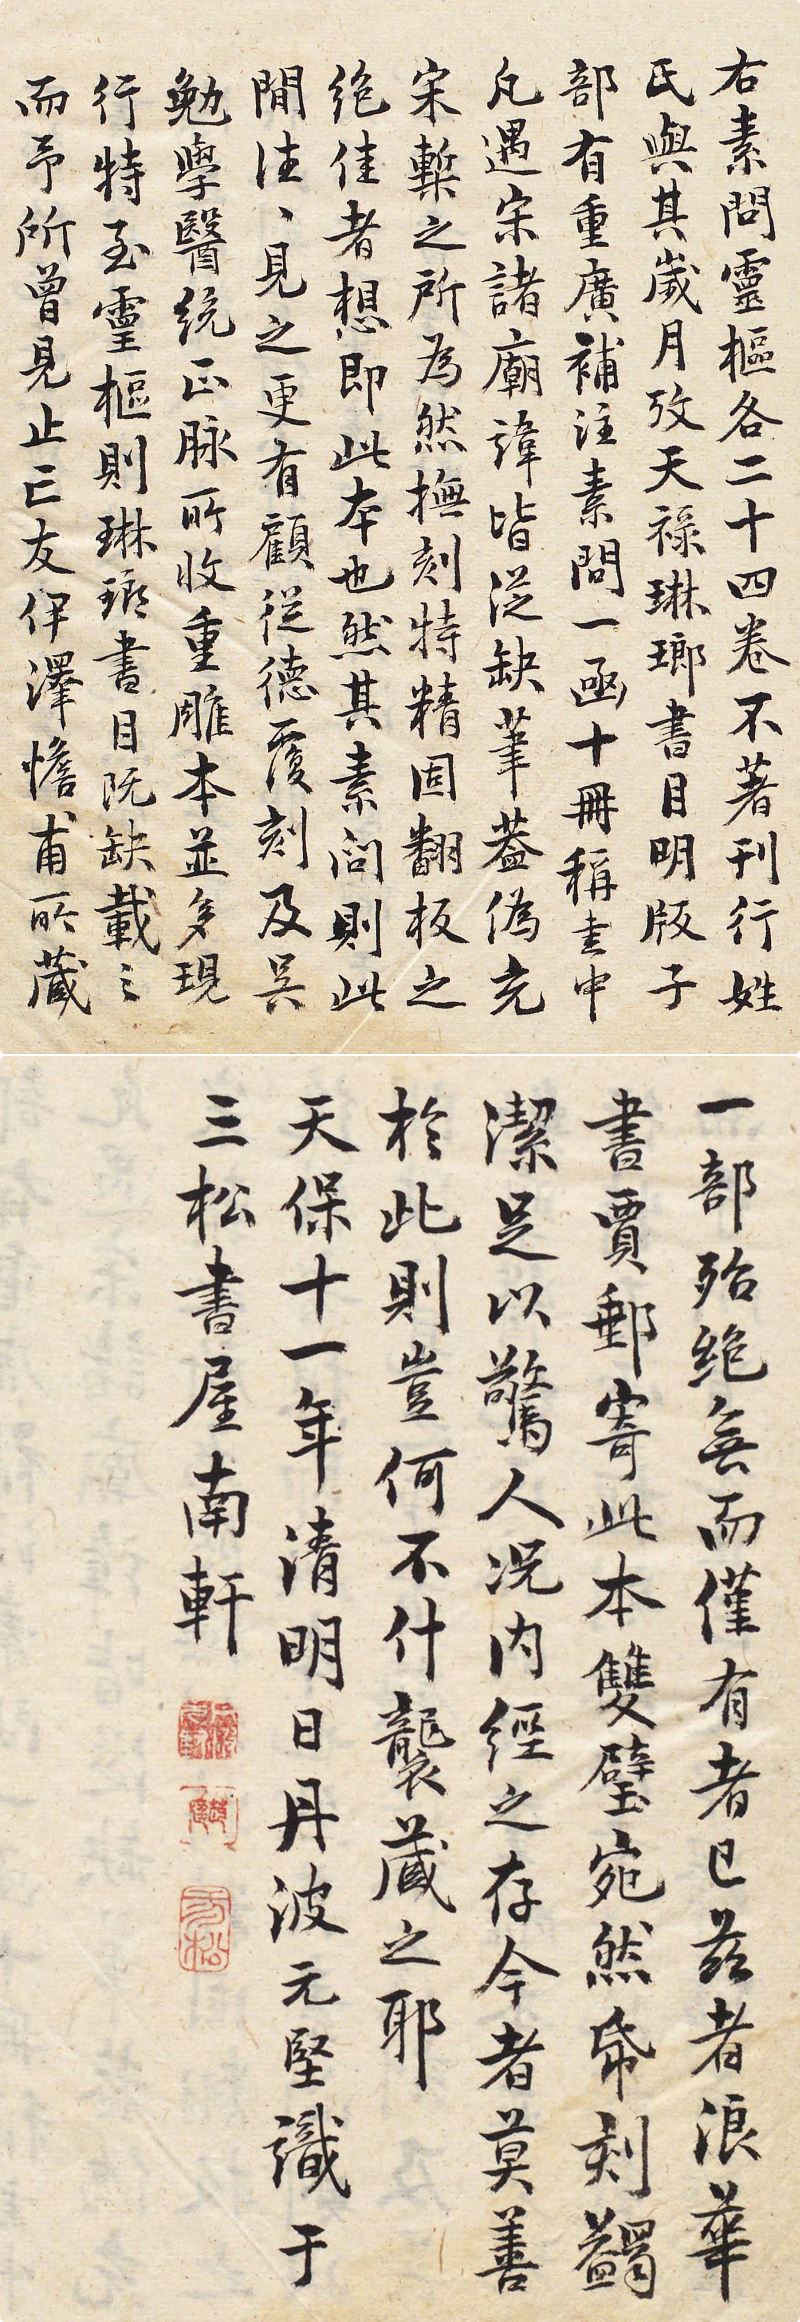 新刊黄帝内经灵枢 - 第1张    道藏网